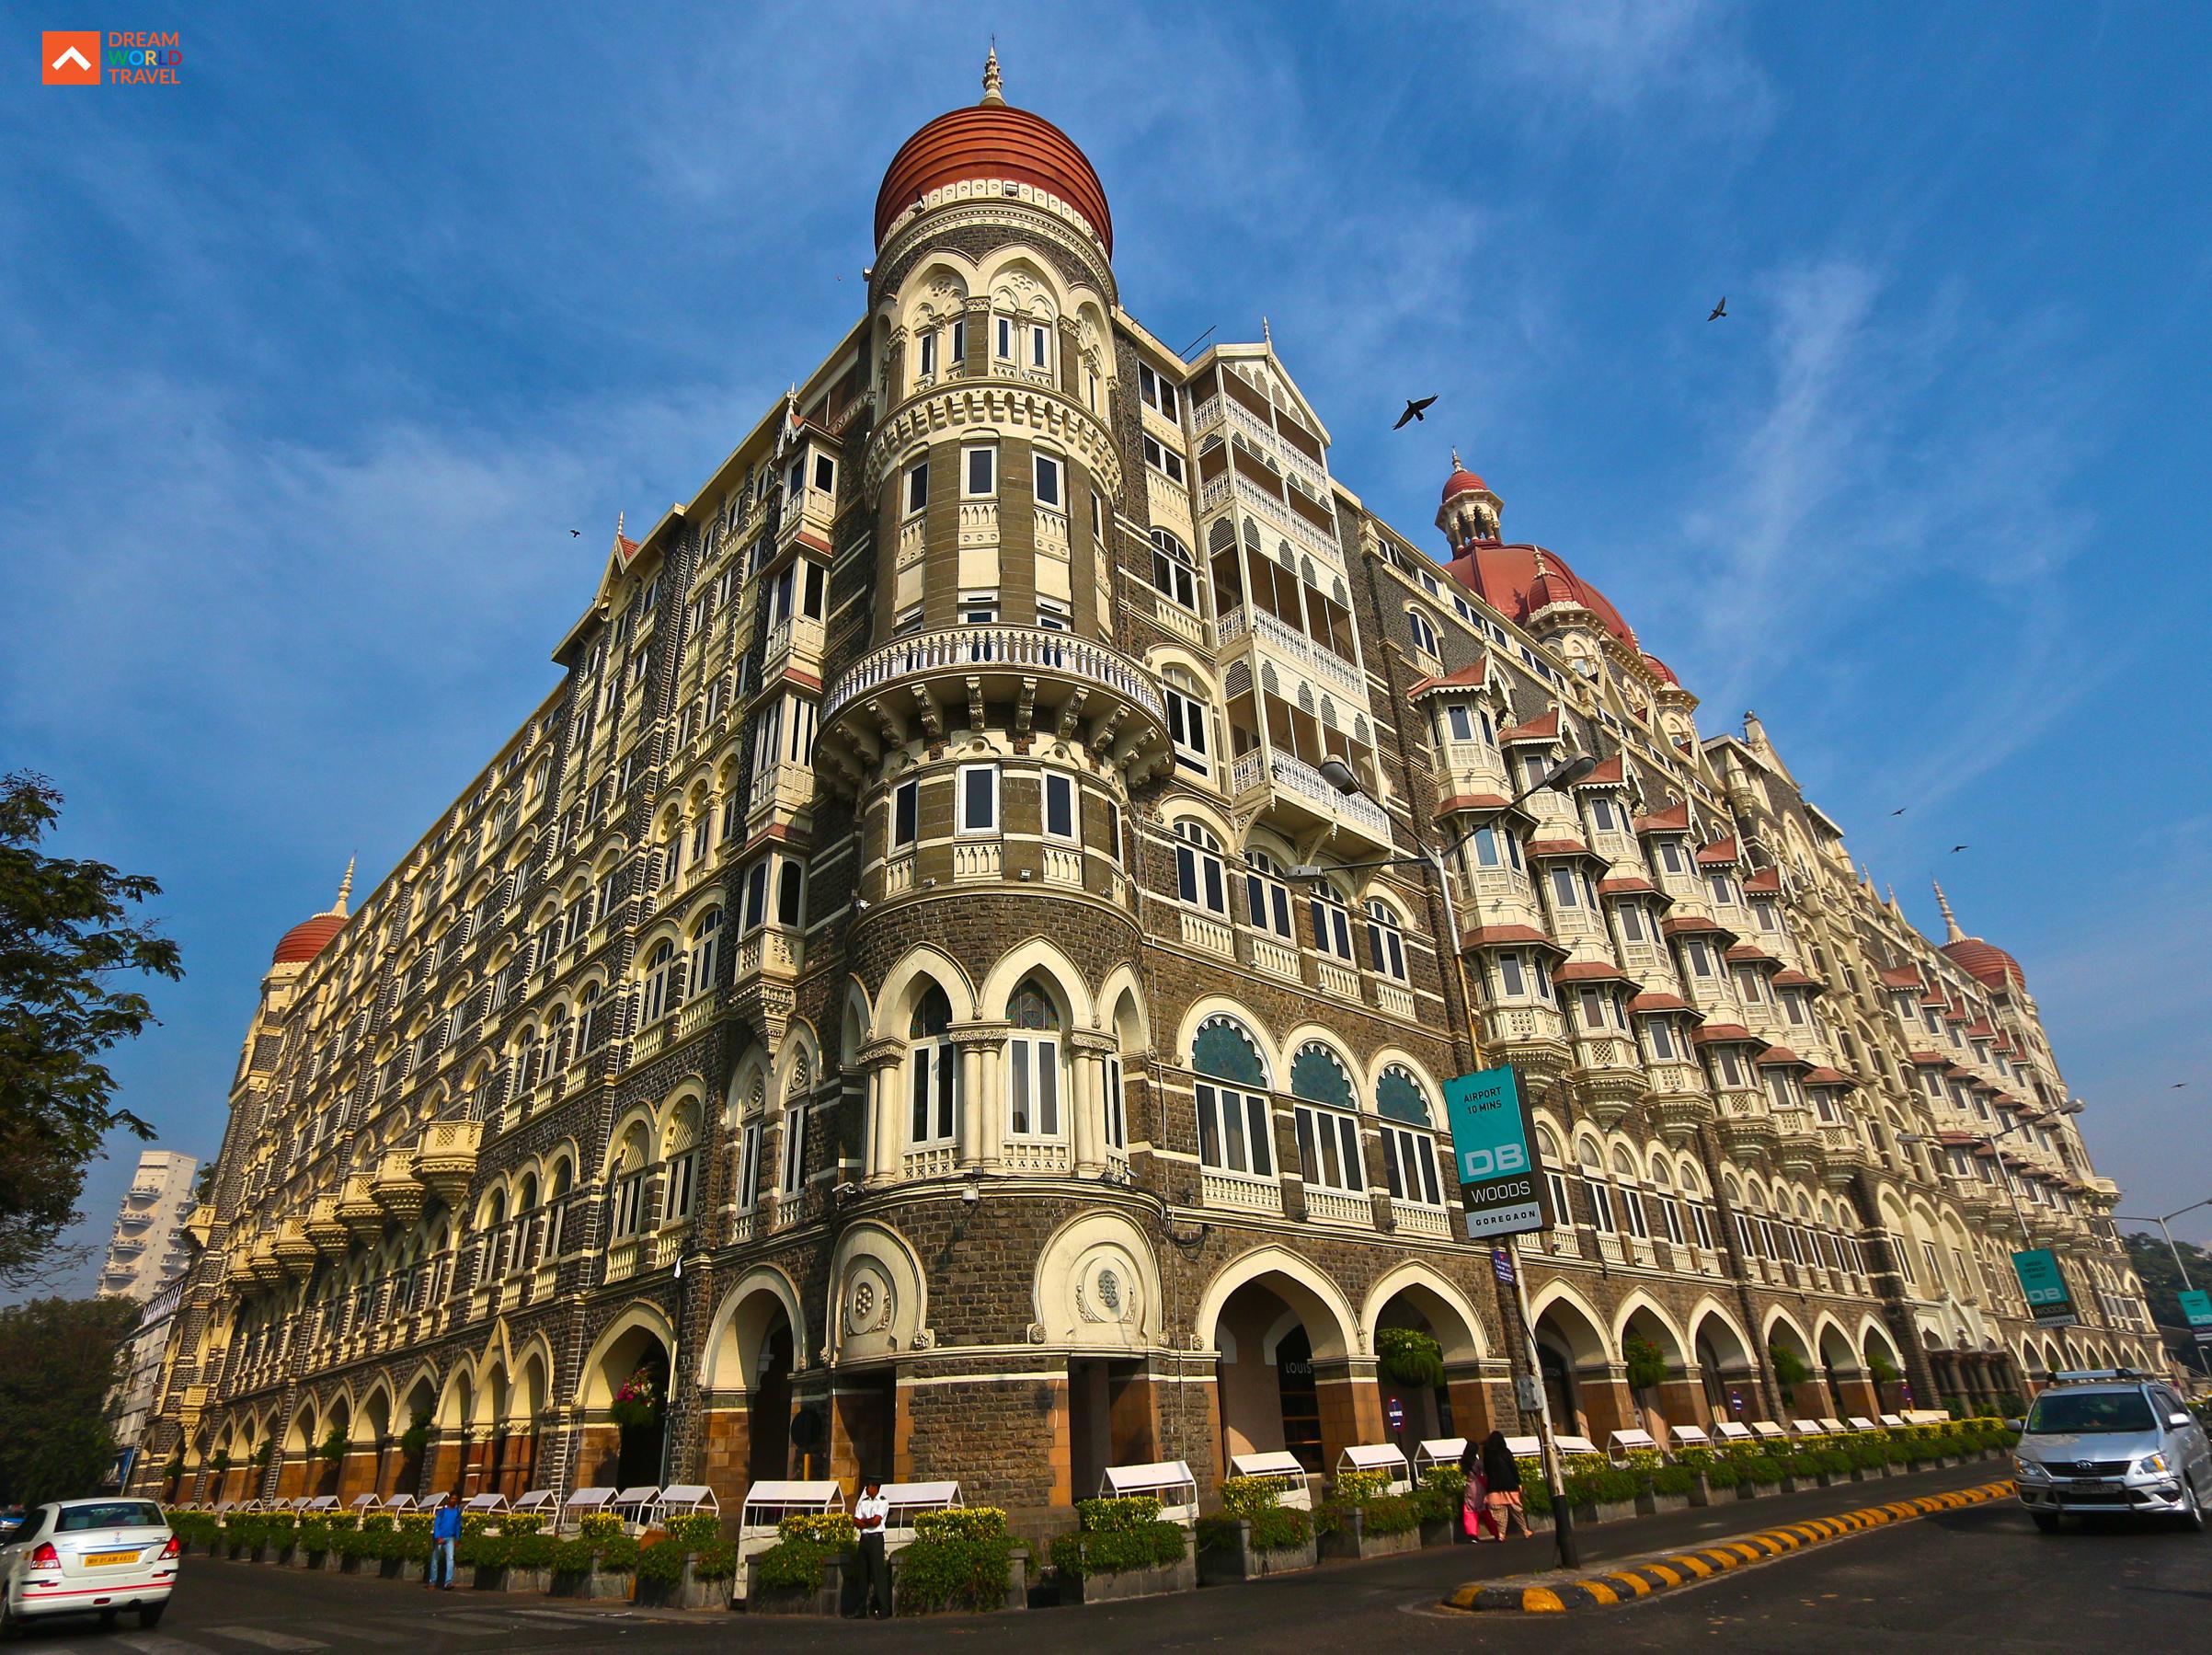 Mumbai Taj Hotel Mumbai India Cheap Mumbai Flights Taj Mahal - Bangalore-taj-hotels-the-happening-landmark-of-the-city